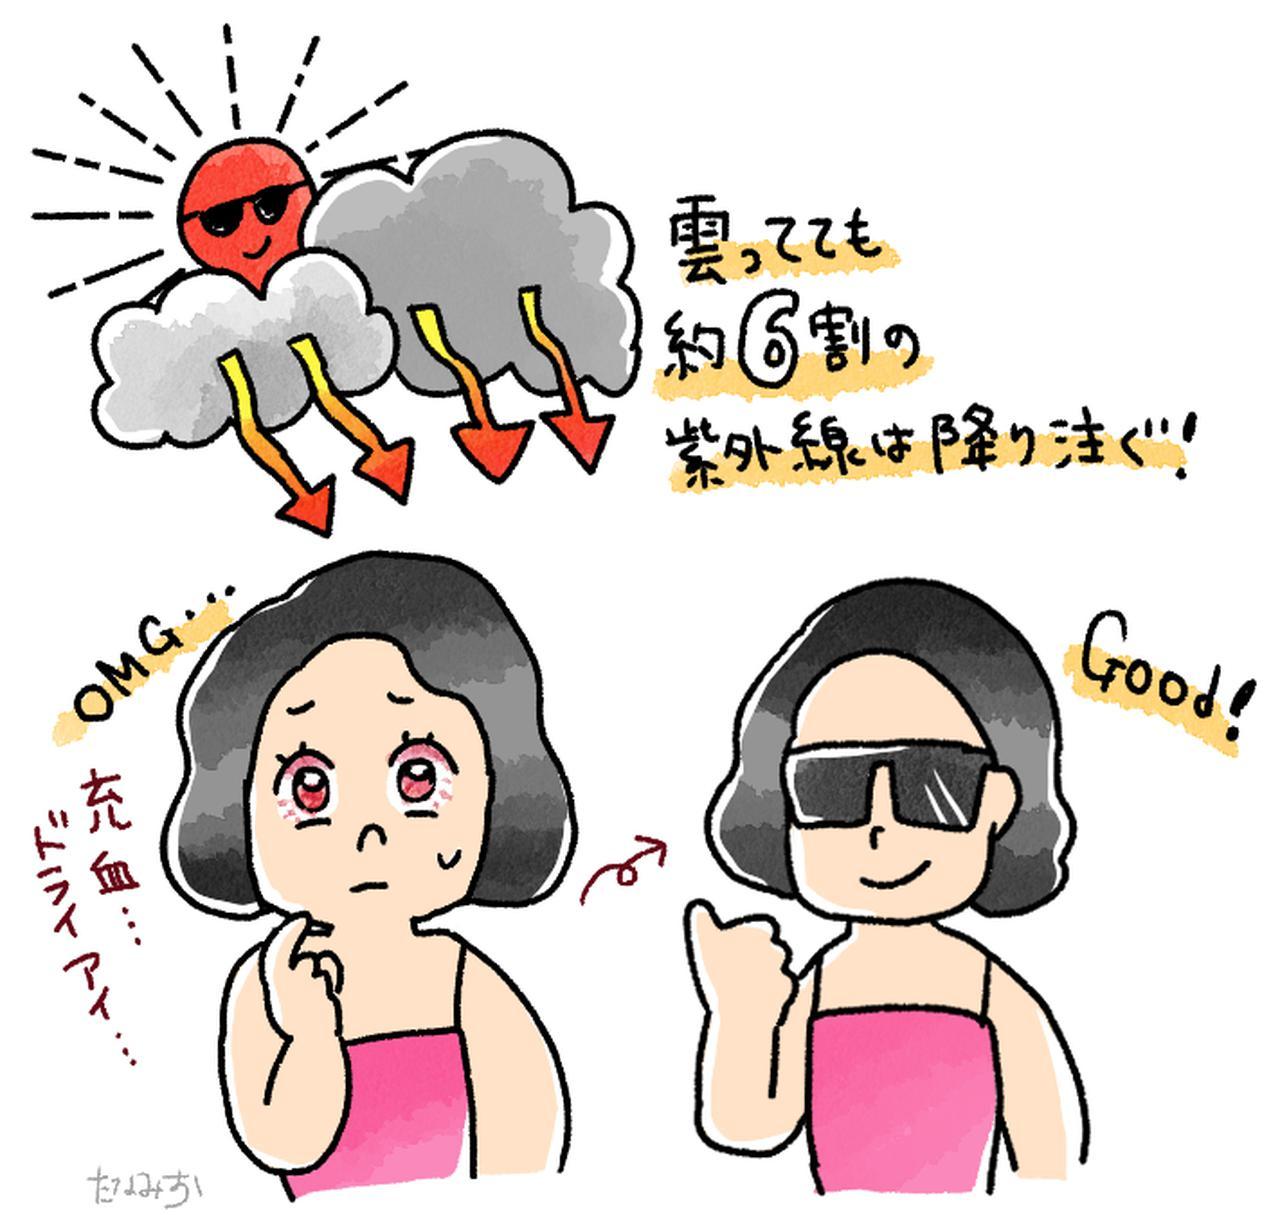 画像: アウトドアを楽しむときはサングラス着用がおすすめ! 紫外線は目に与える影響も大きいので必須アイテム